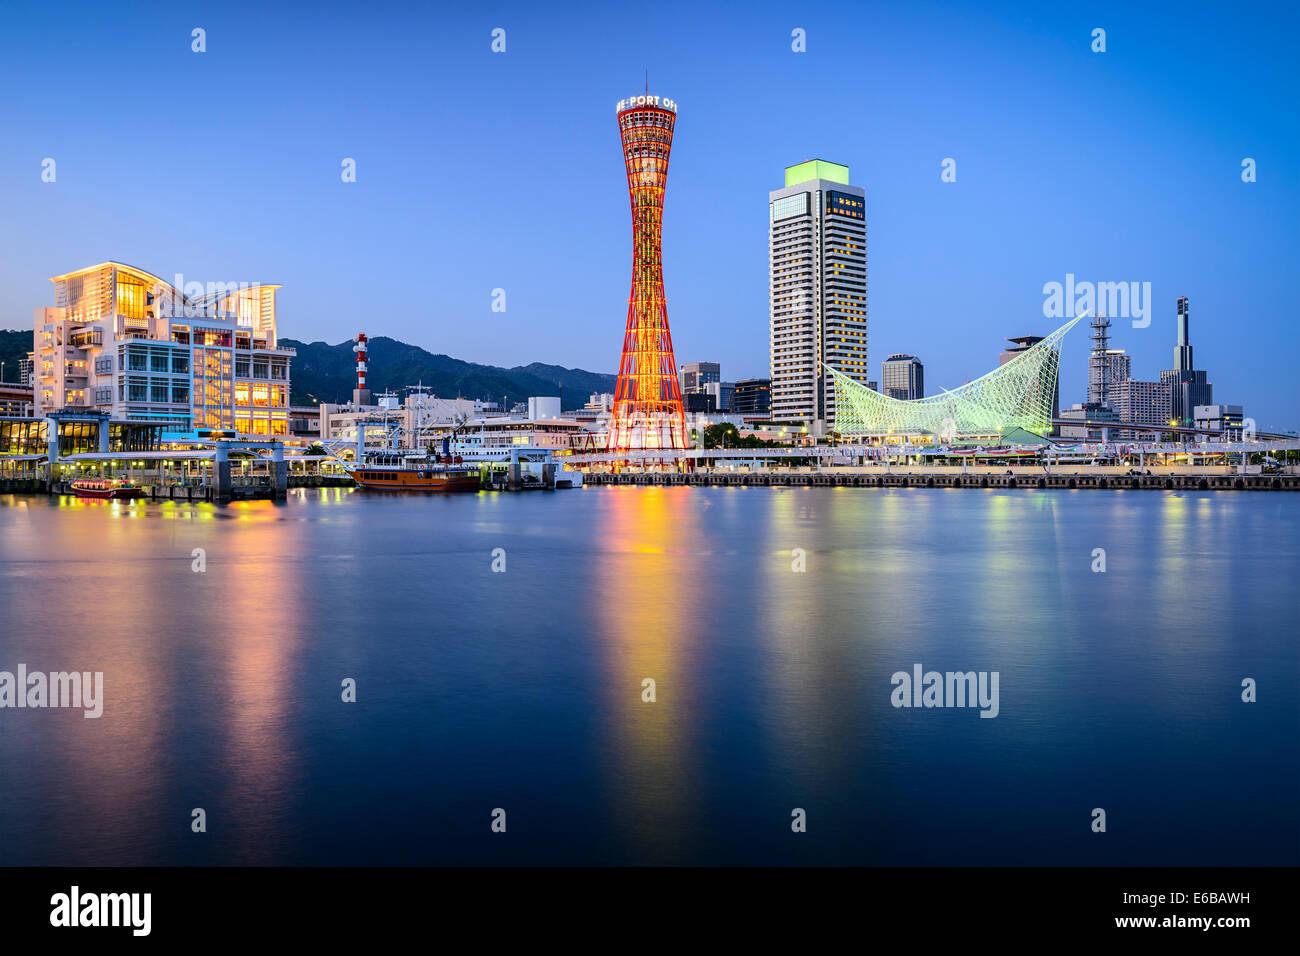 Skyline von Kobe, Japan am Hafen. Stockbild